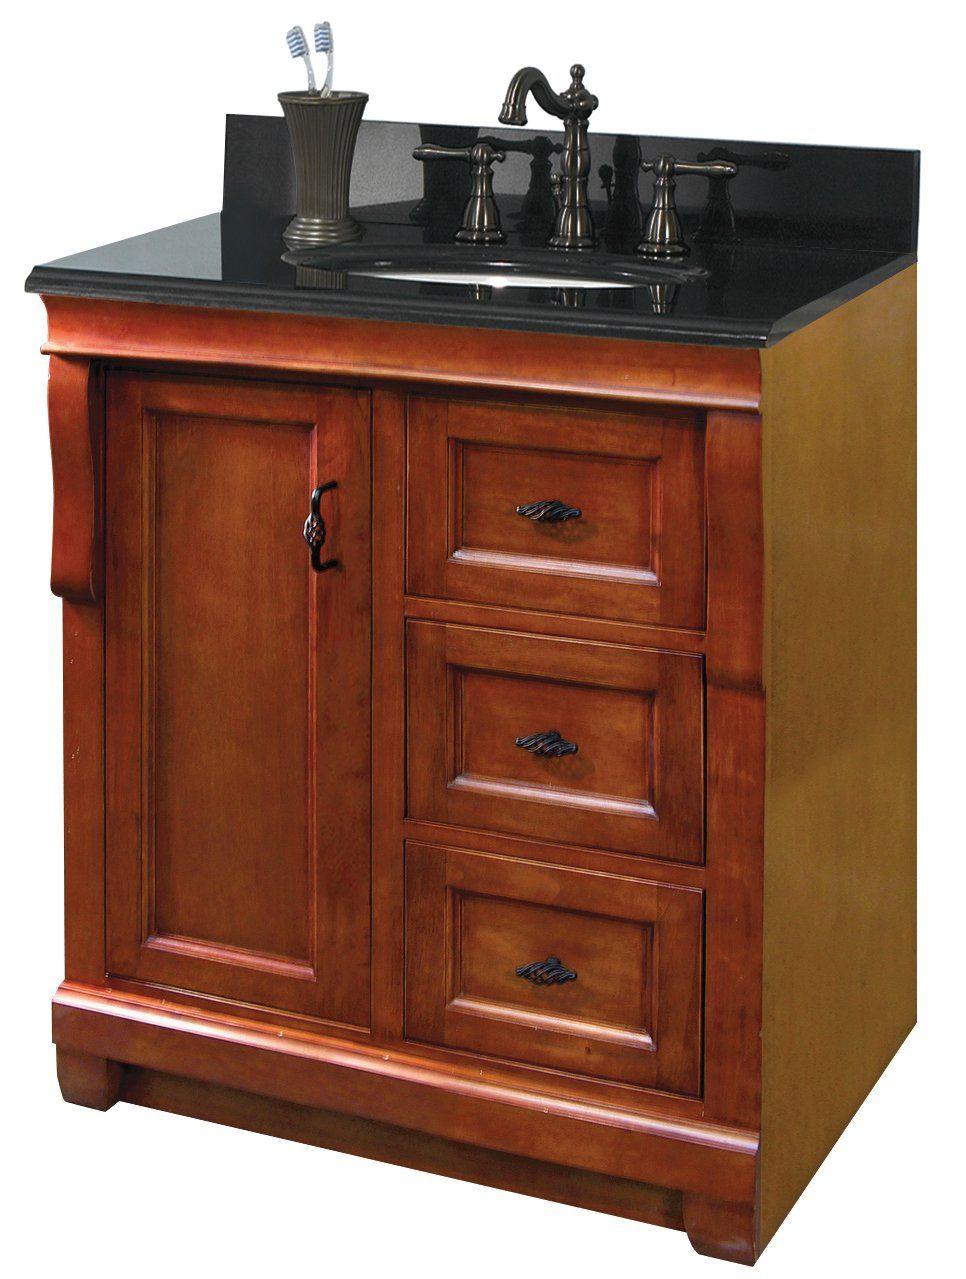 Pegasus Naca3021d Naples 30 Inch Vanity Warm Cinnamon 30 Inch Vanity Bathroom Vanity Base 30 Inch Bathroom Vanity [ 1279 x 966 Pixel ]